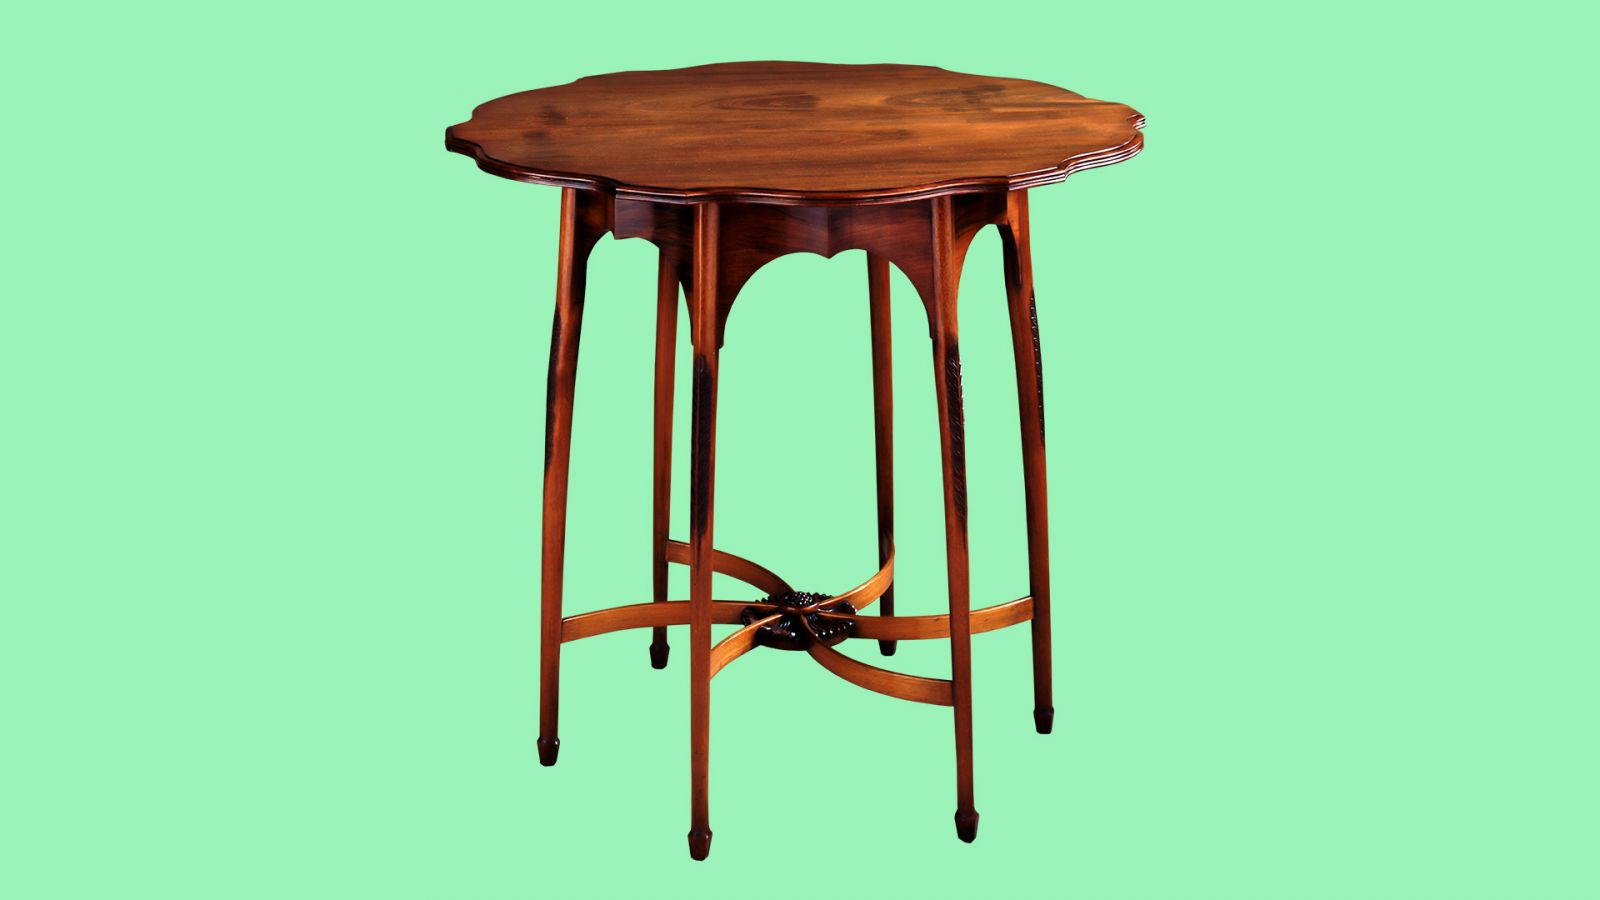 meubles classiques en bois style antiquaire meuble et d coration marseille mobilier design. Black Bedroom Furniture Sets. Home Design Ideas